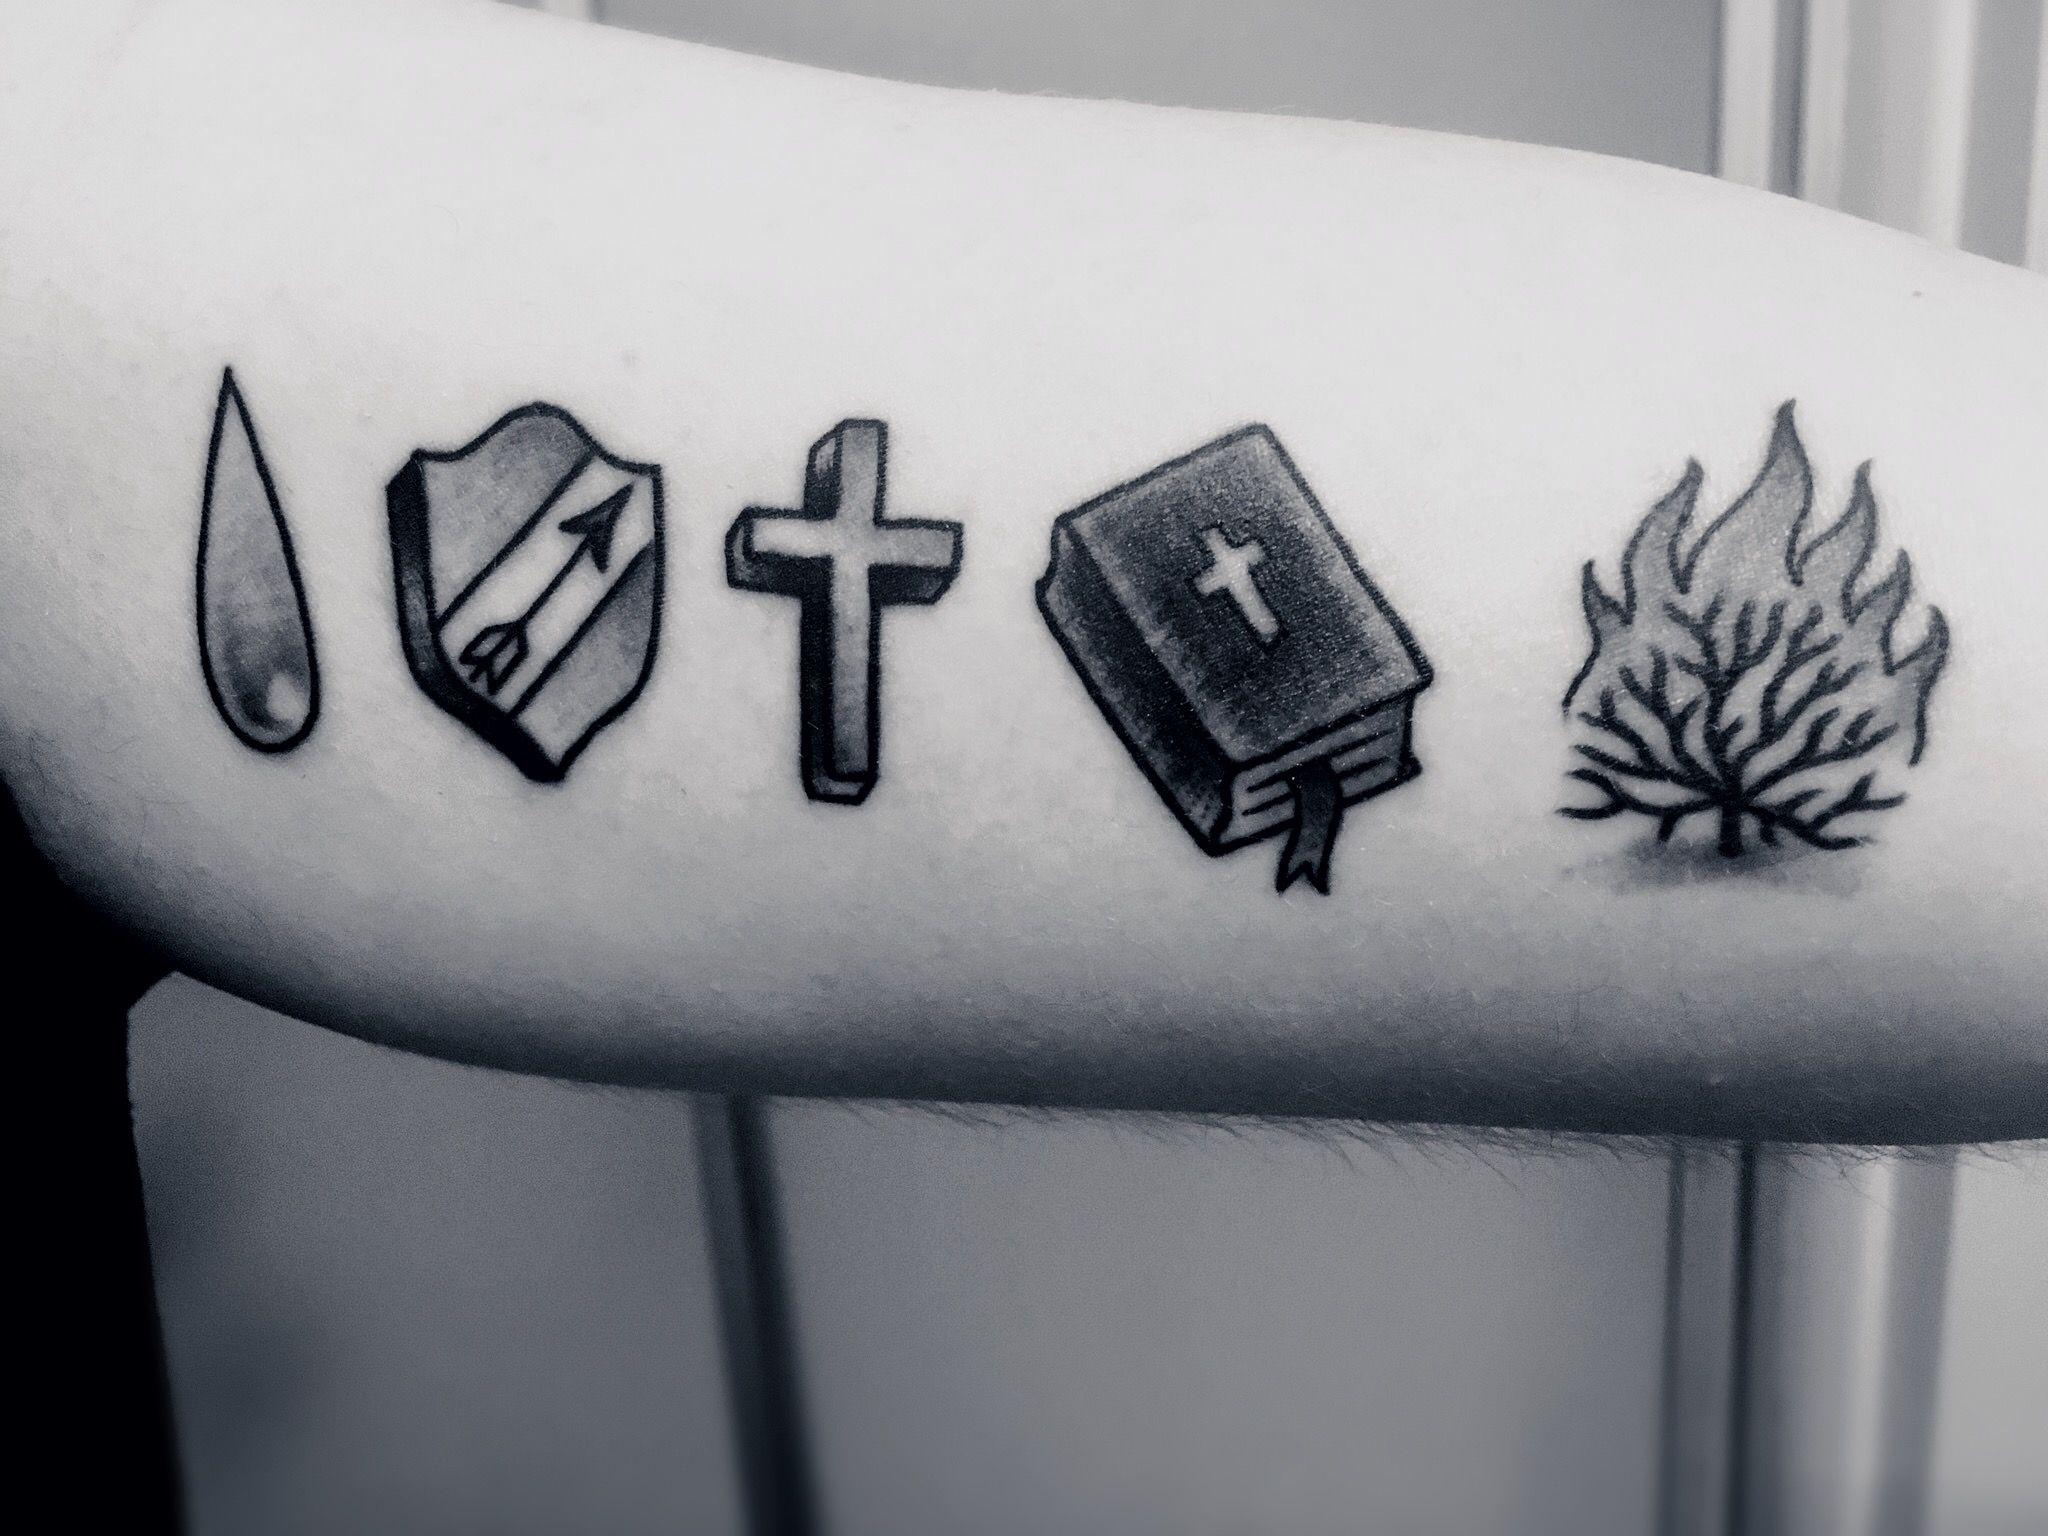 Gratia tattoo fide sola sola Ephesians 2:8